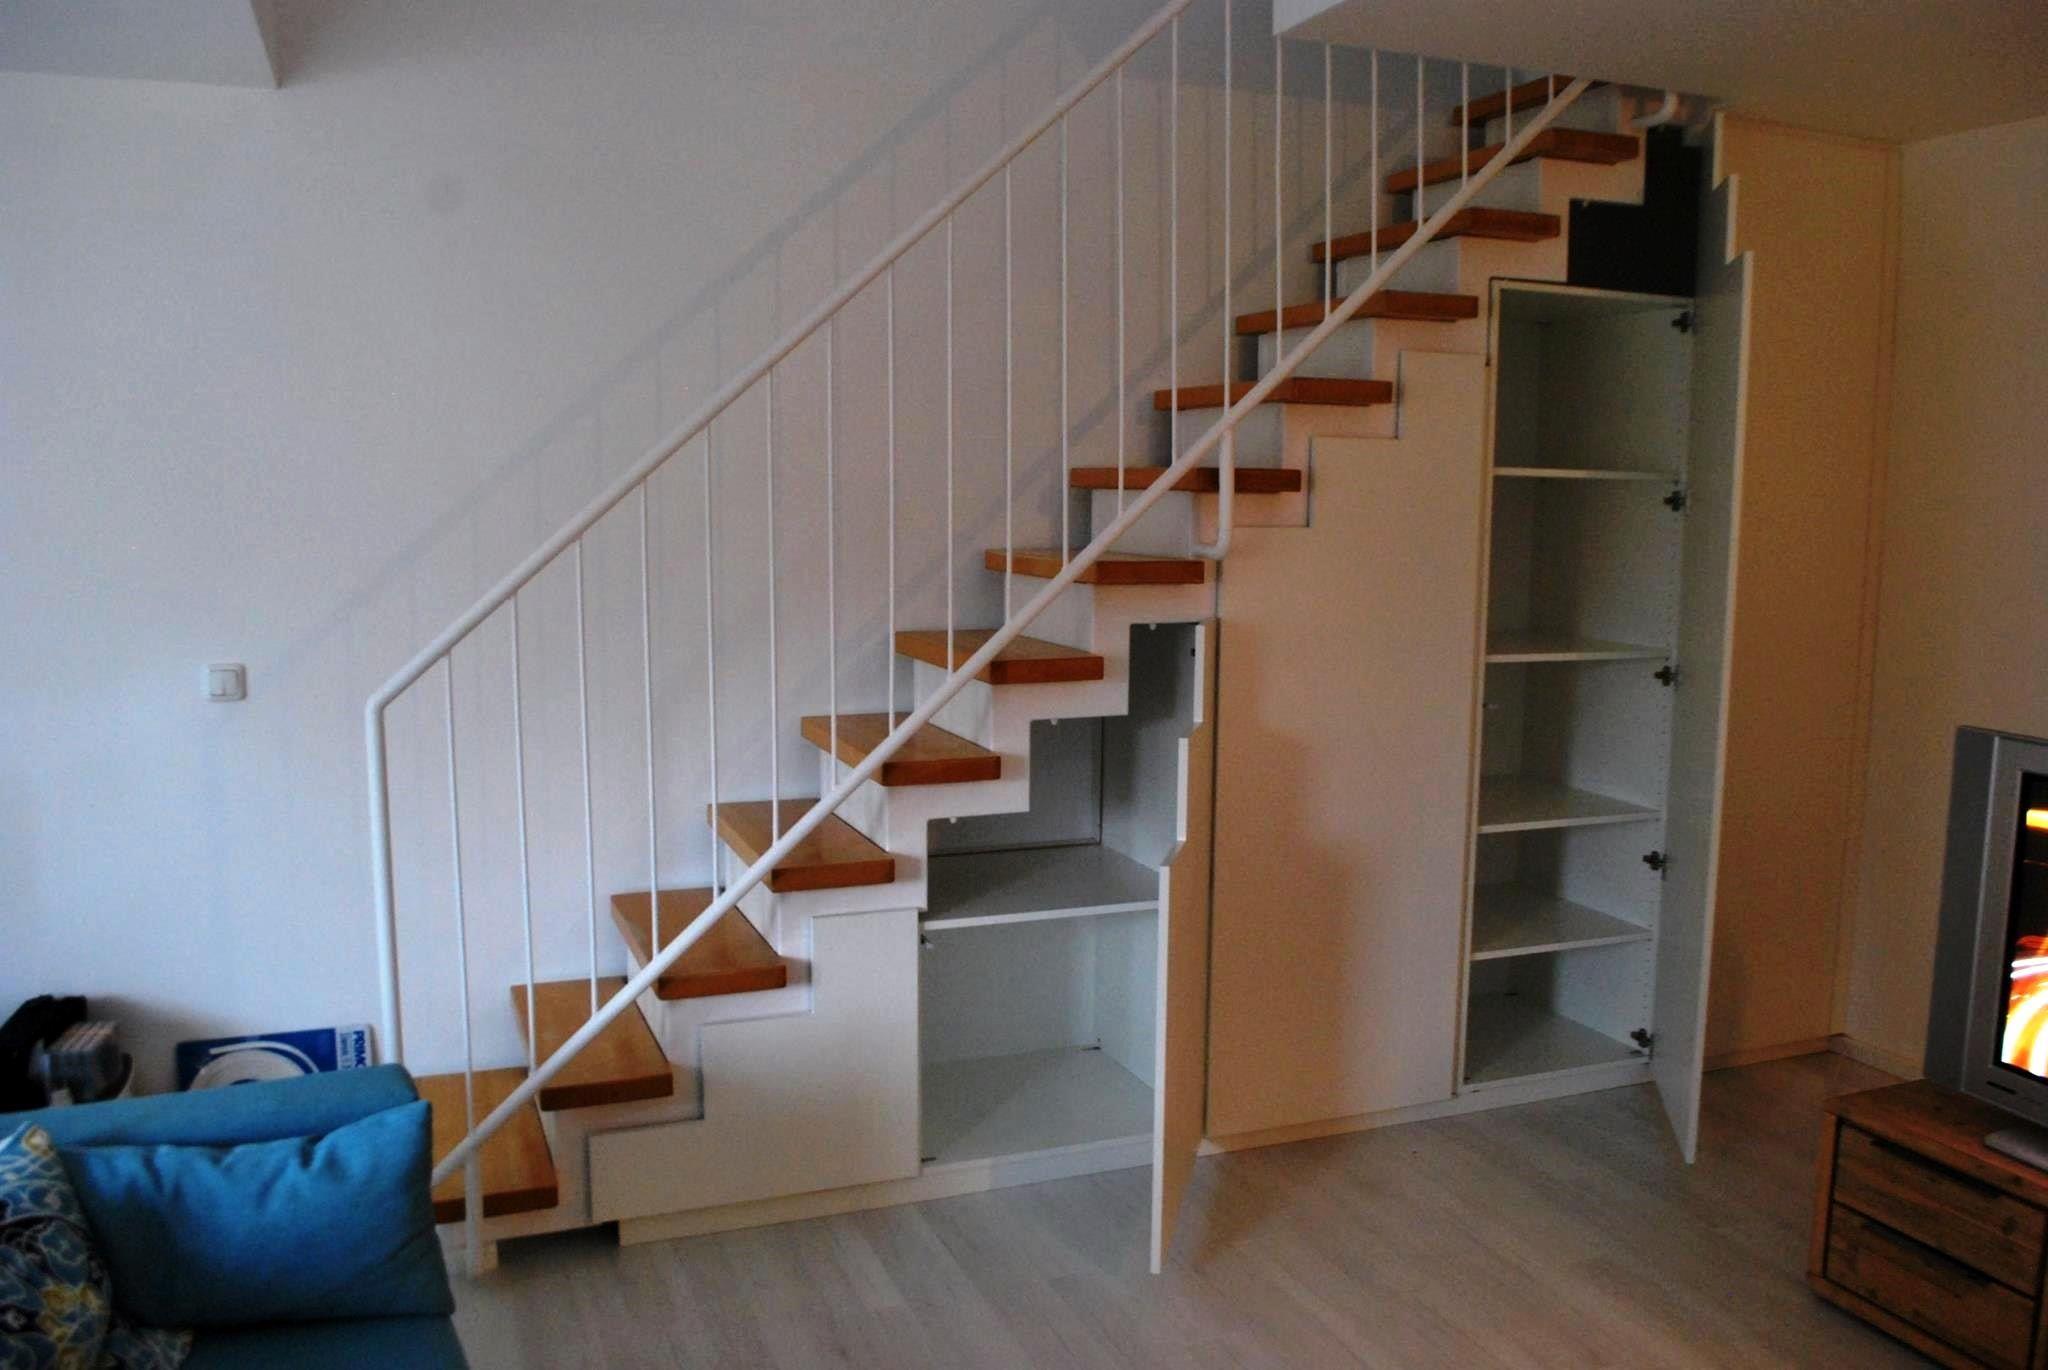 Schöne Treppen herrliche ideen treppe schrank und schöne treppen treppenschränke